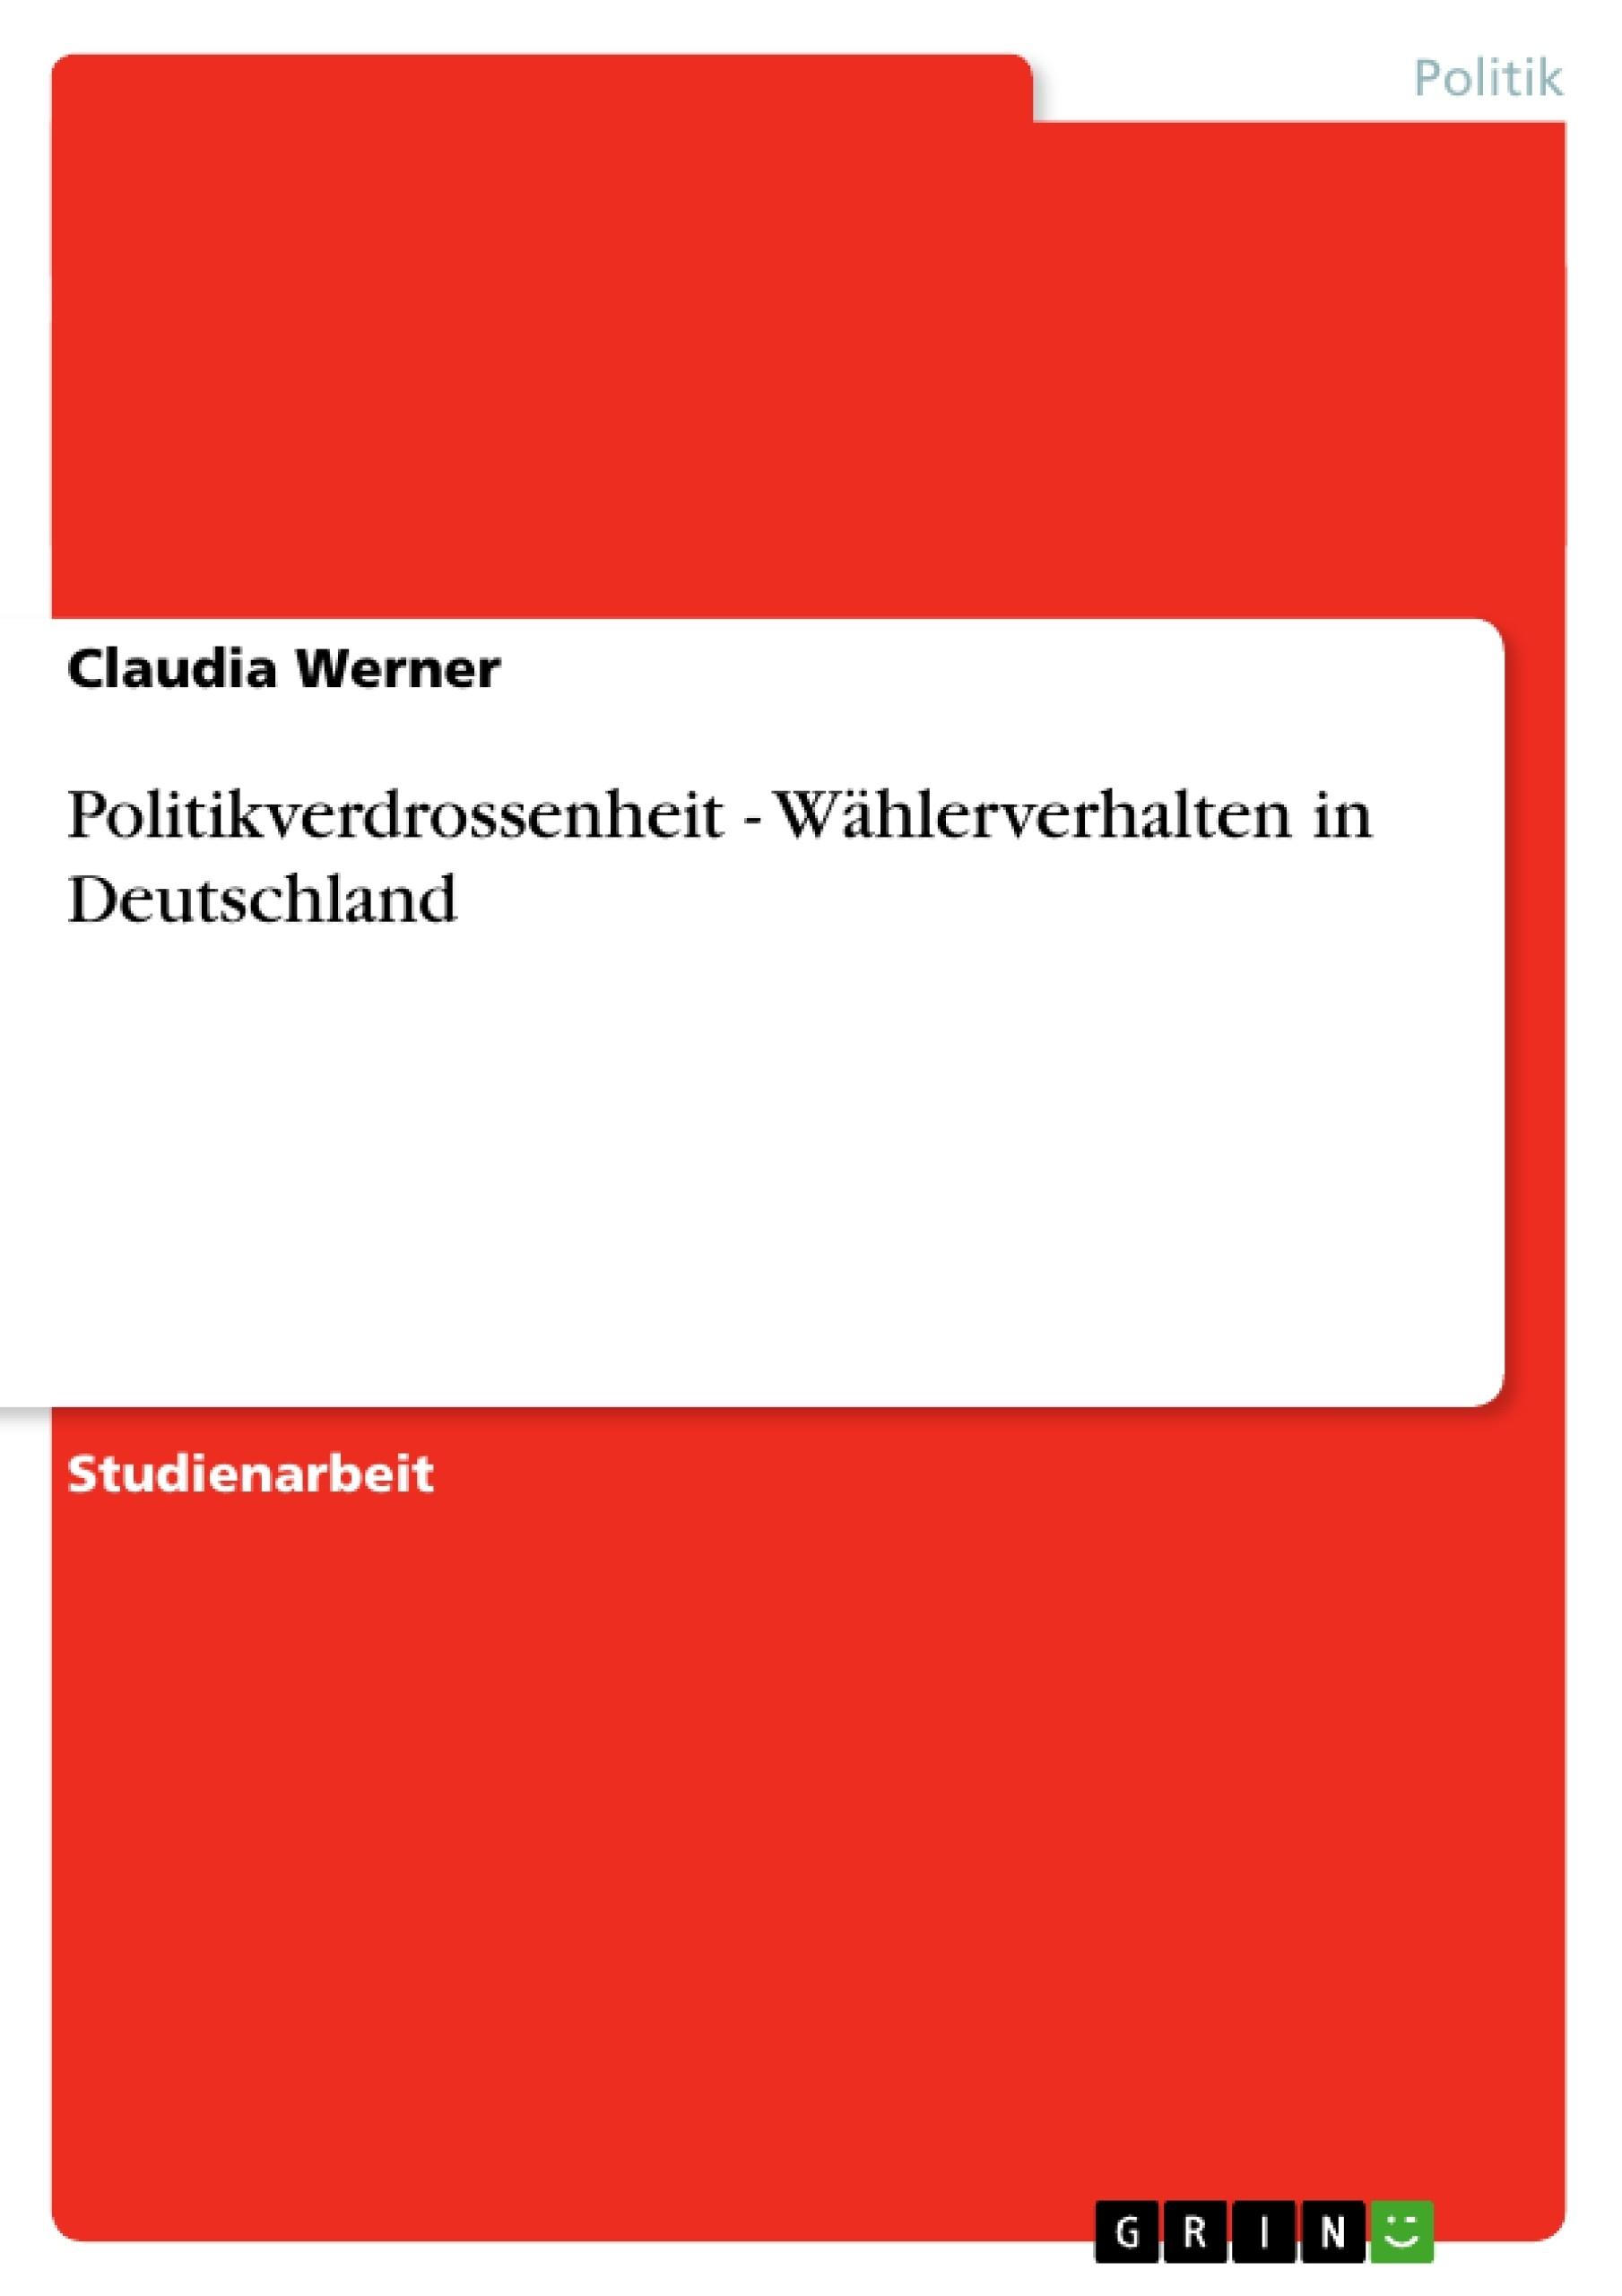 Titel: Politikverdrossenheit - Wählerverhalten in Deutschland